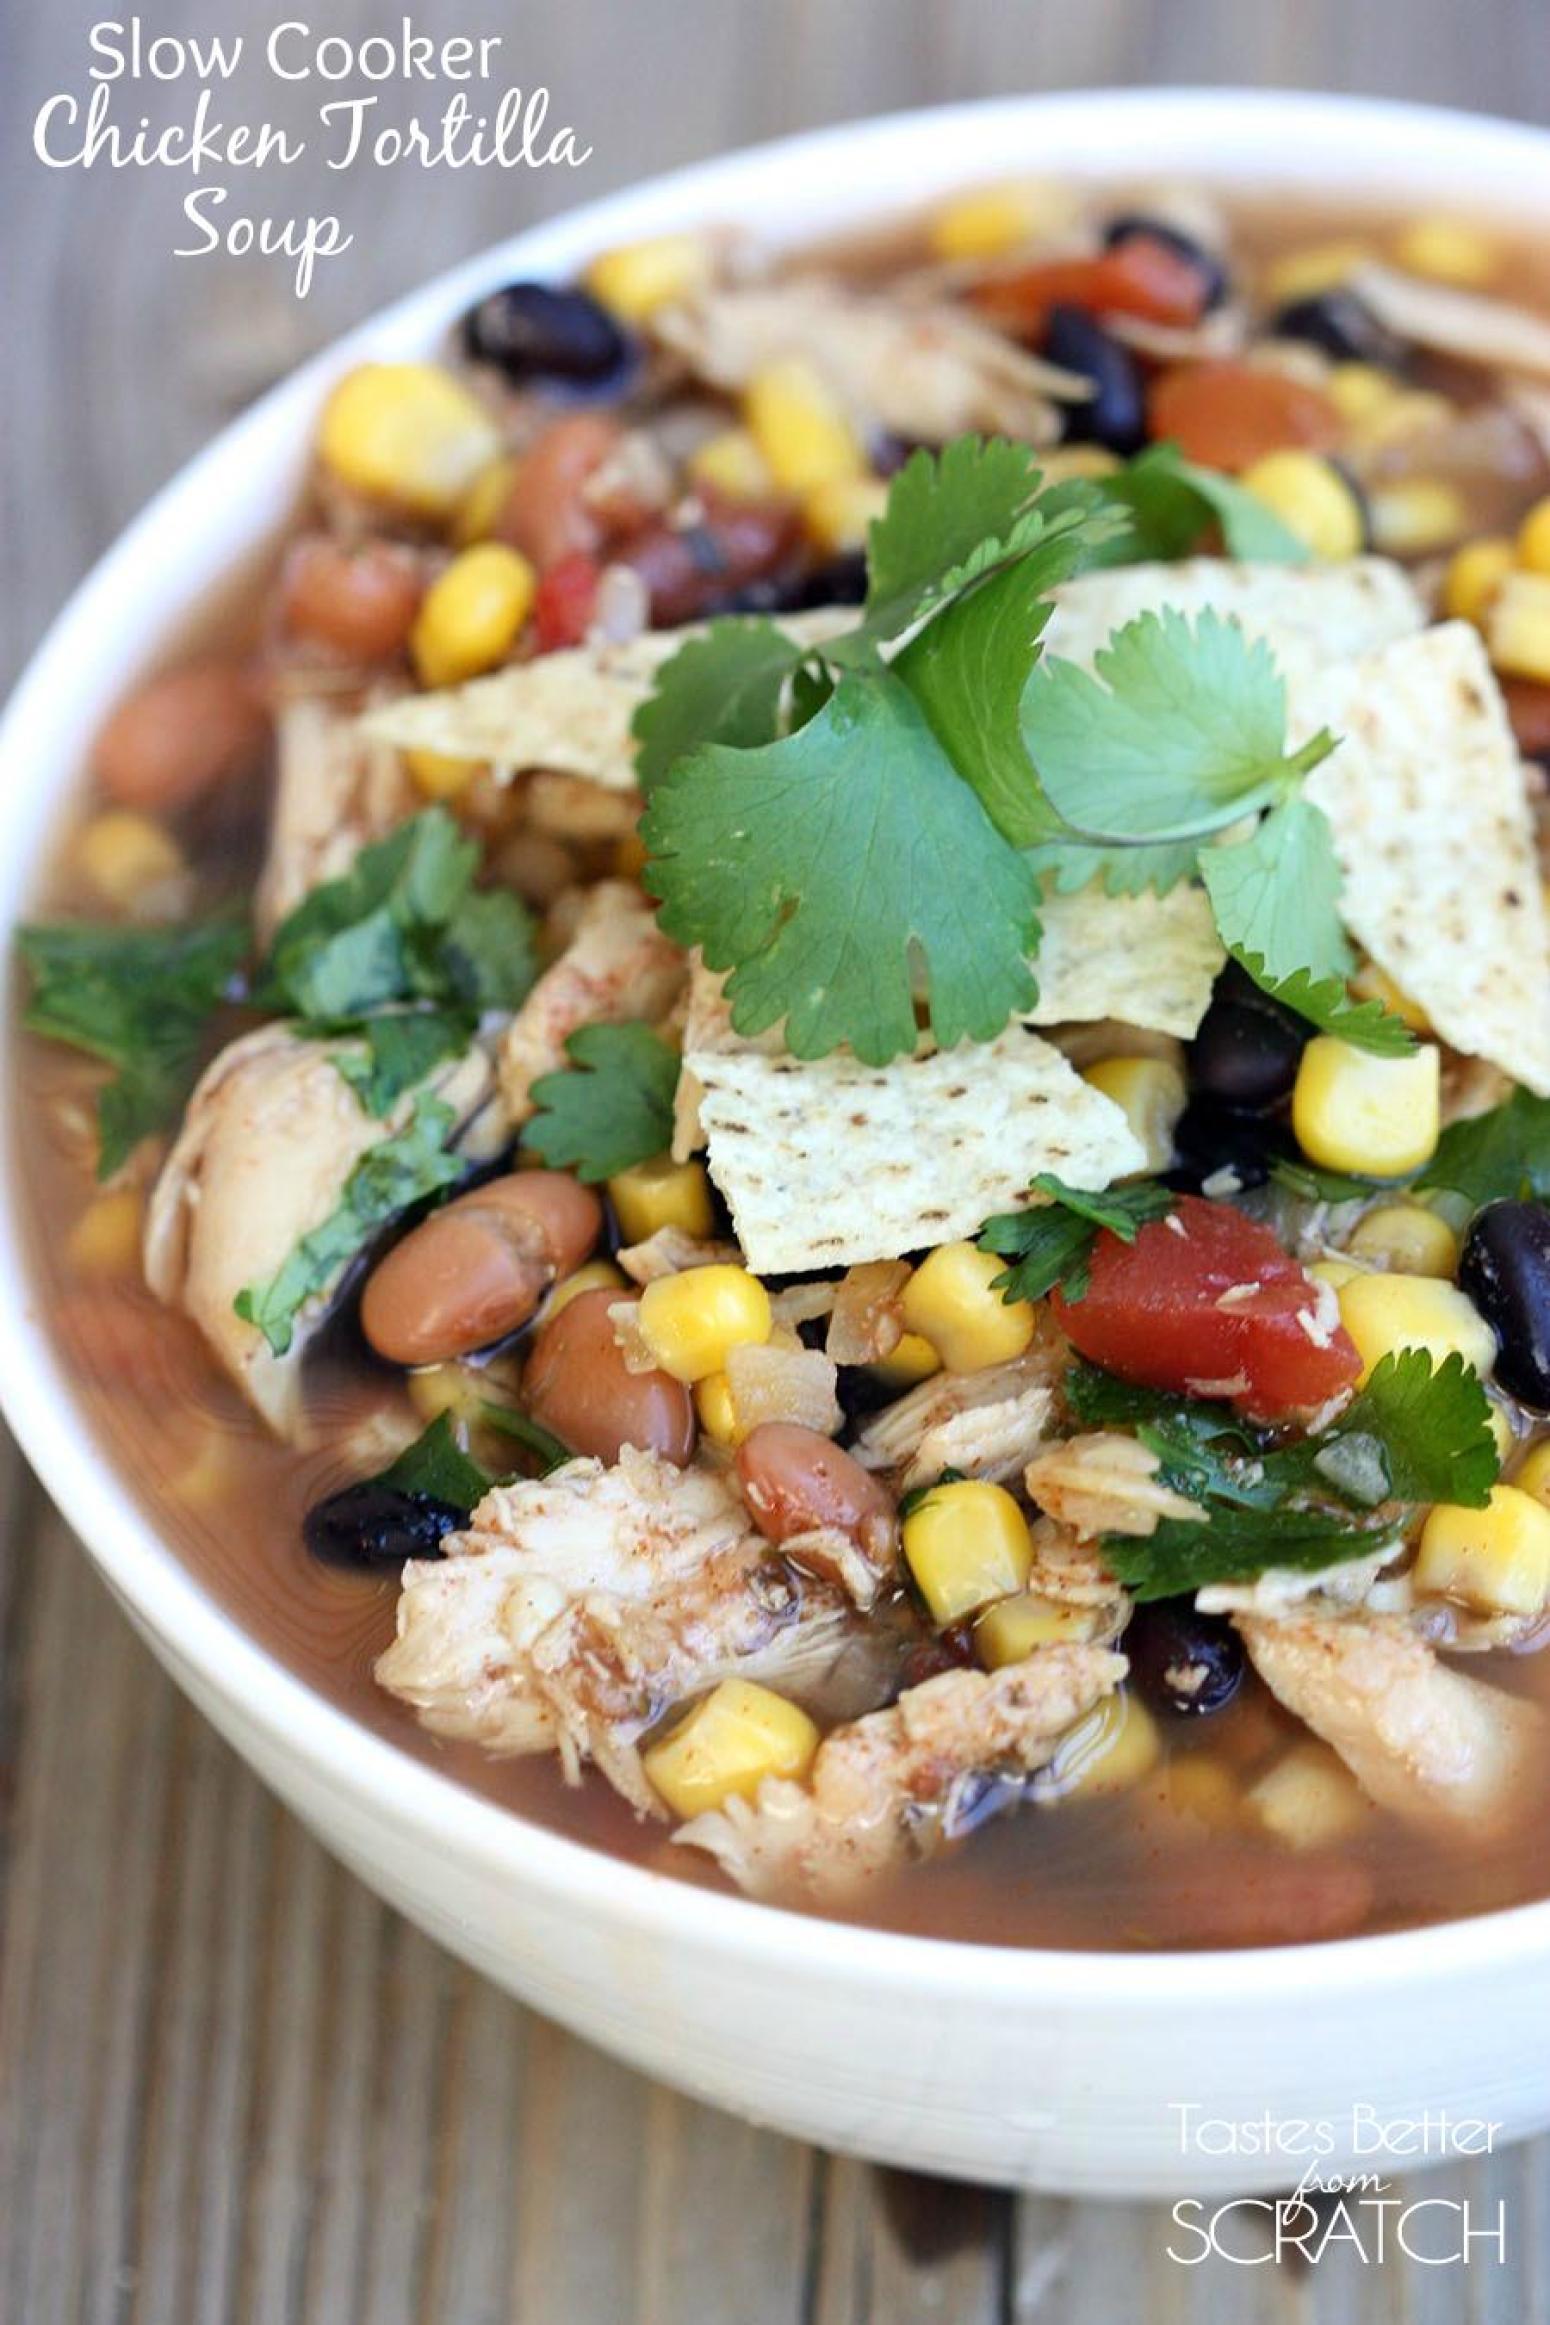 Crock Pot & Slow Cooker Recipes Pressure Cooker Recipes One-Pot Meals ...